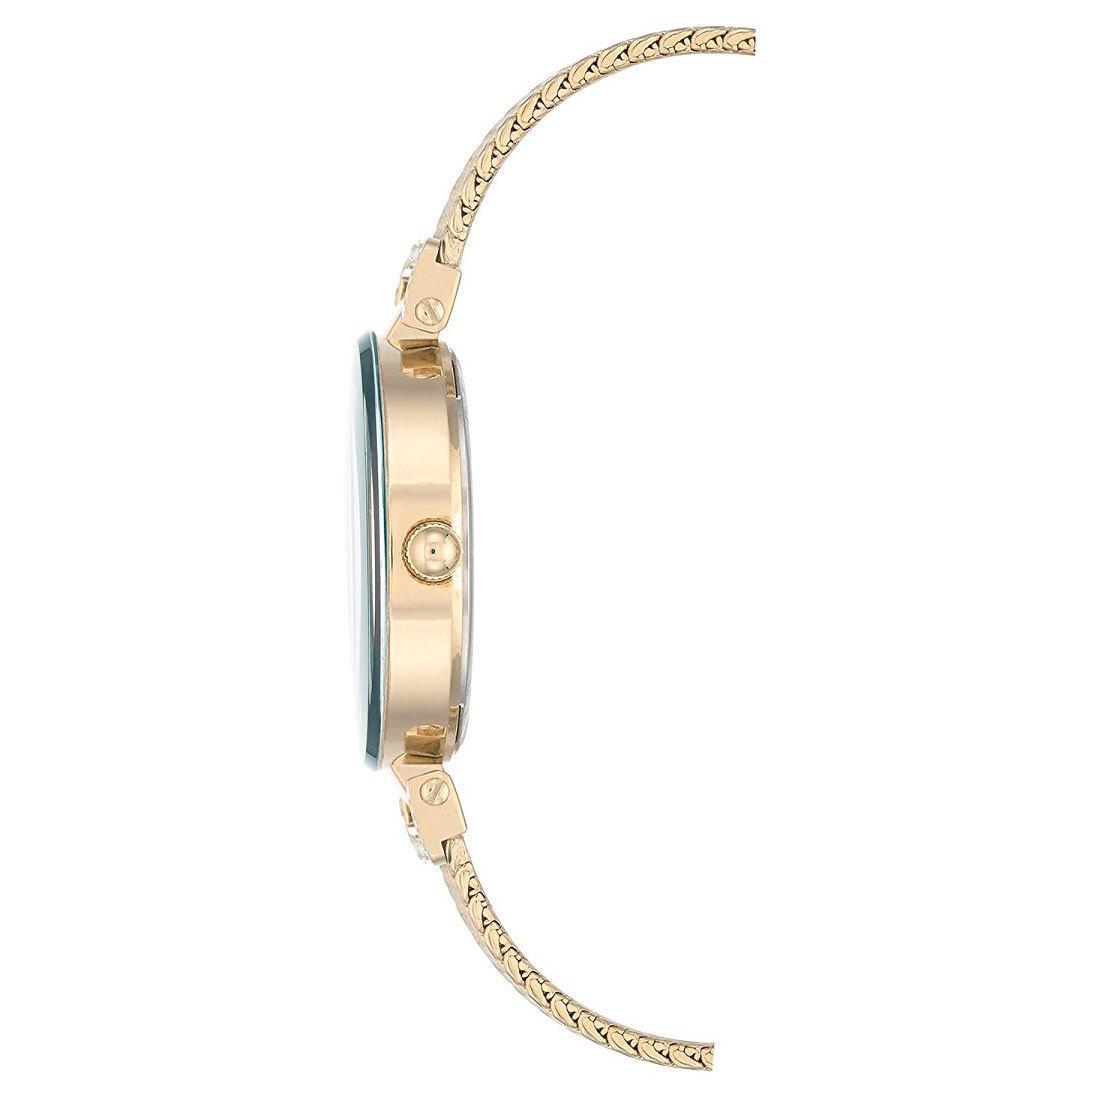 Женские наручные часы anne klein купить в спб